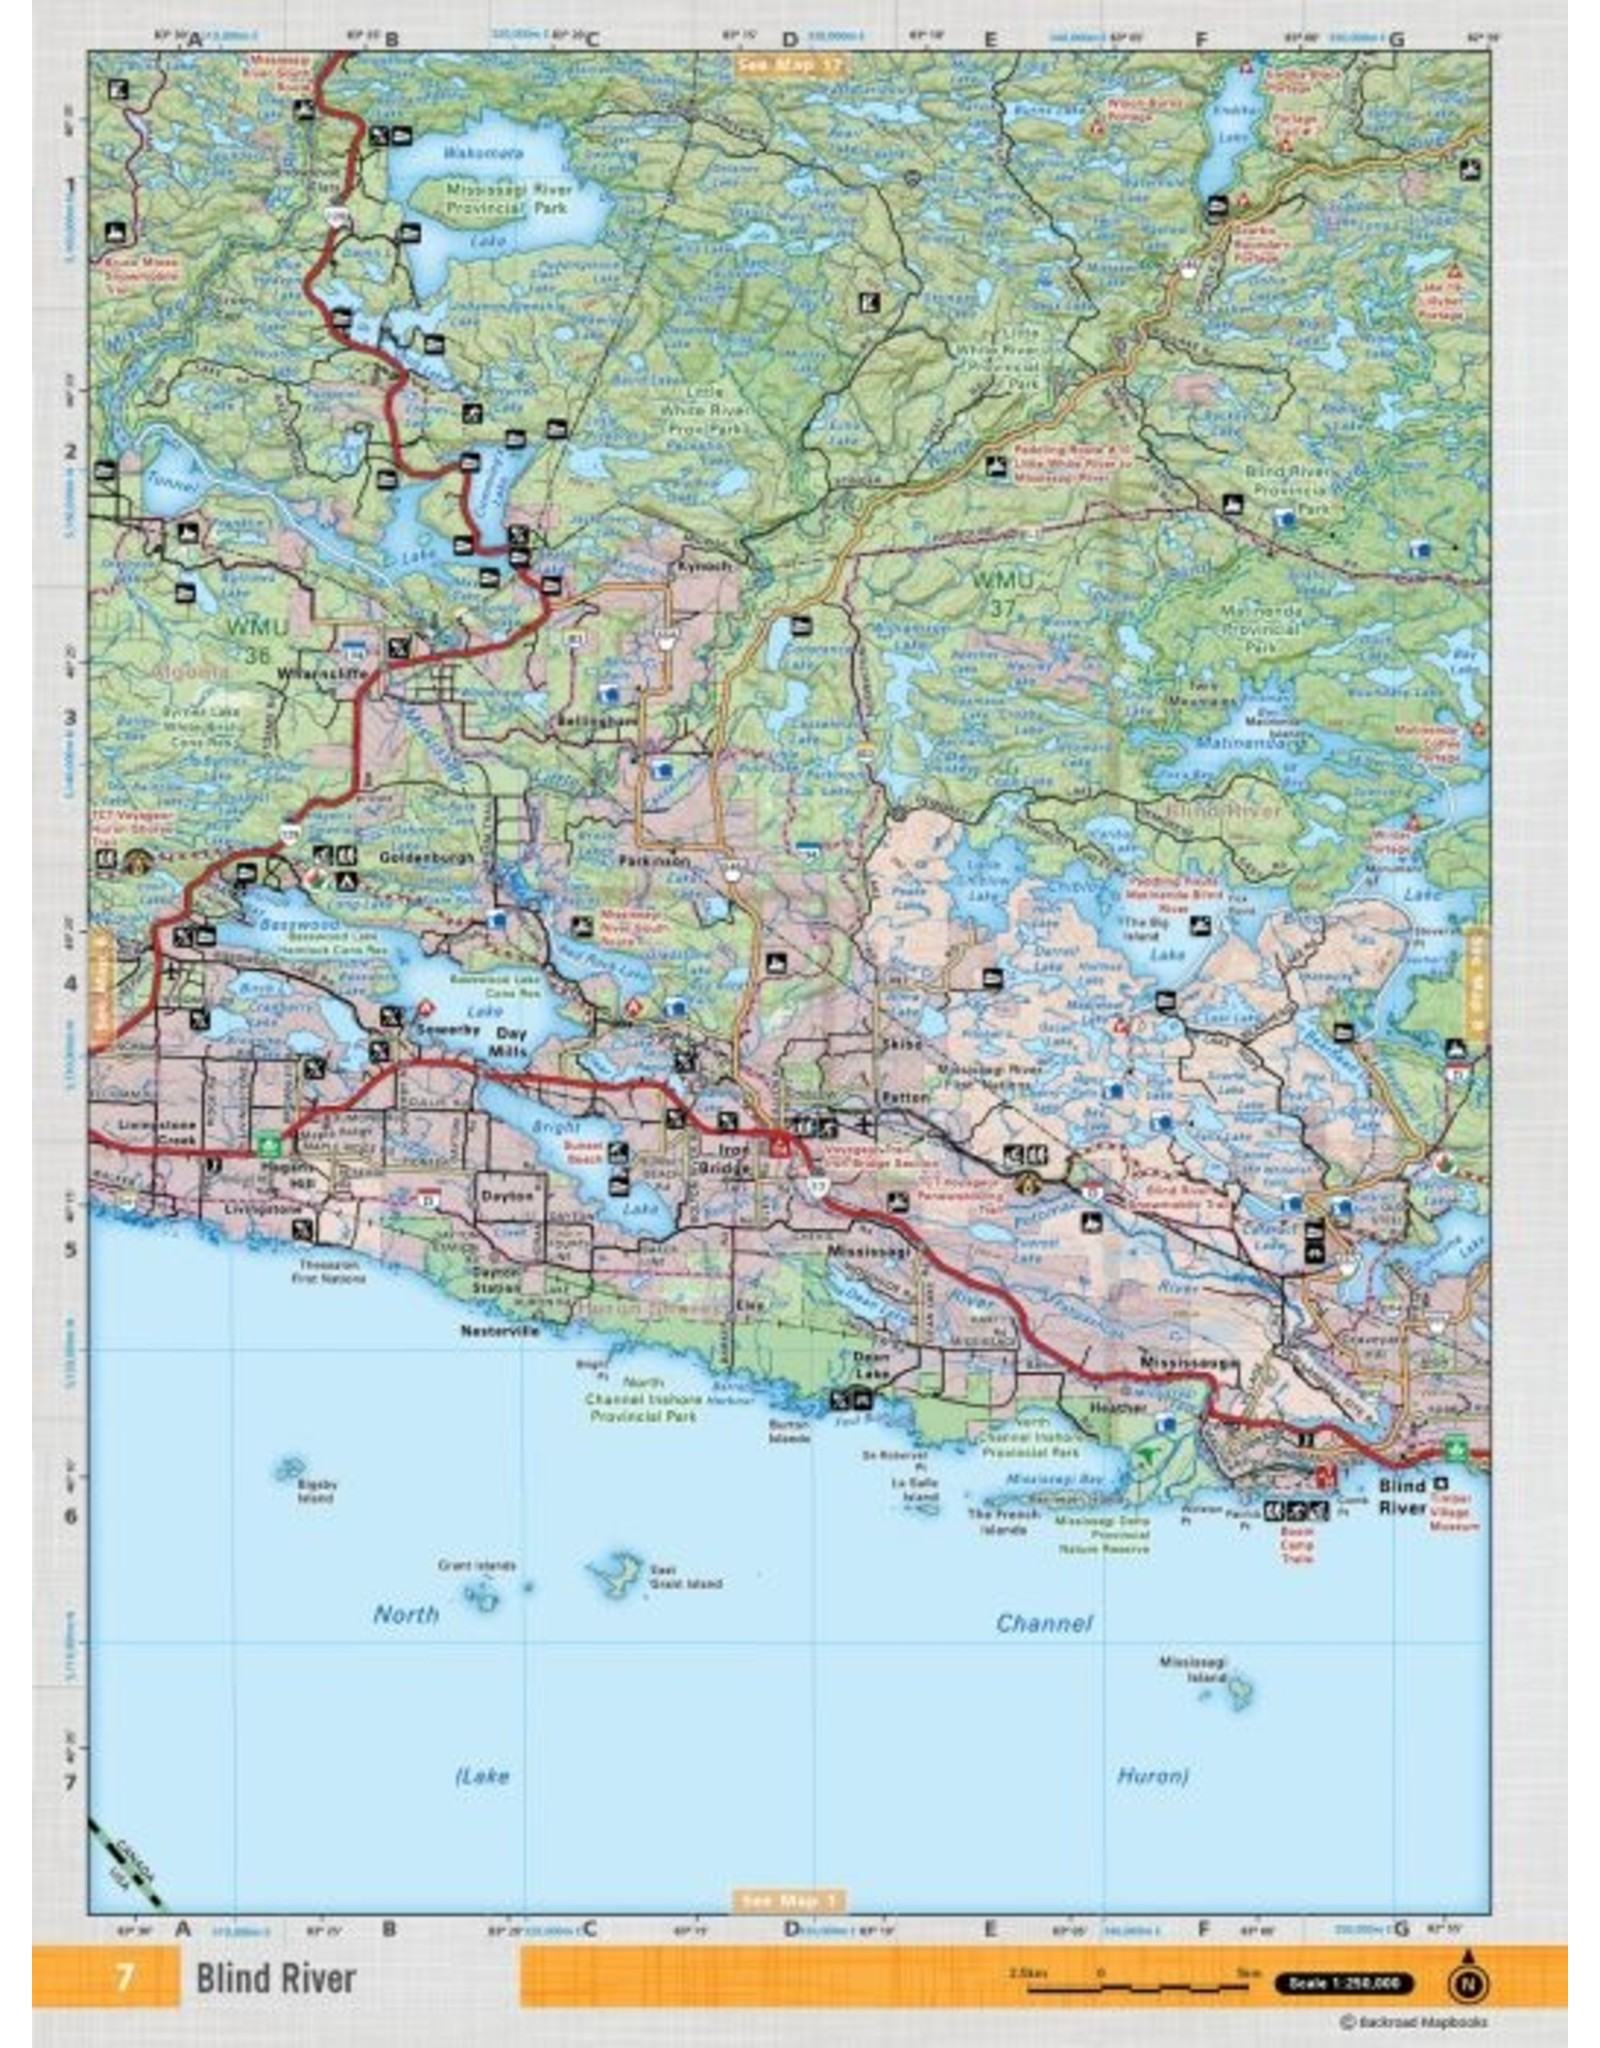 Backroad Mapbooks Backroads Mapbooks ON TOPO MAP WATERPROOF MAP NEON-07 Blind River